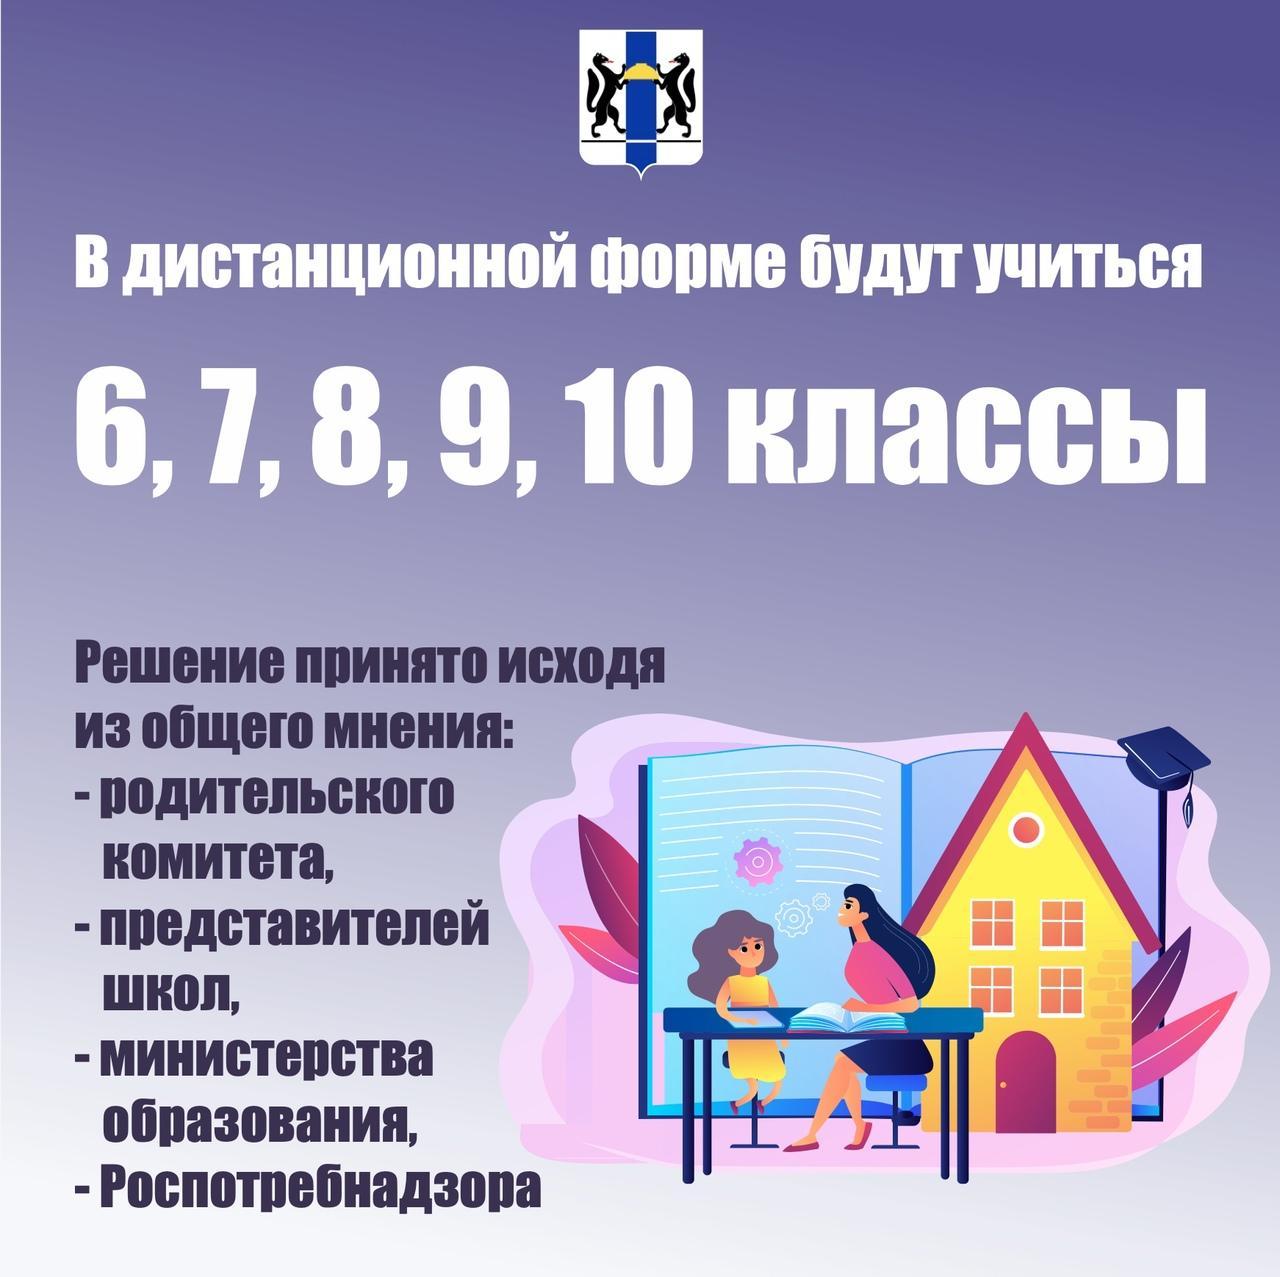 фото Как будут учиться школьники Новосибирска с 16 ноября: показываем в трёх карточках 4